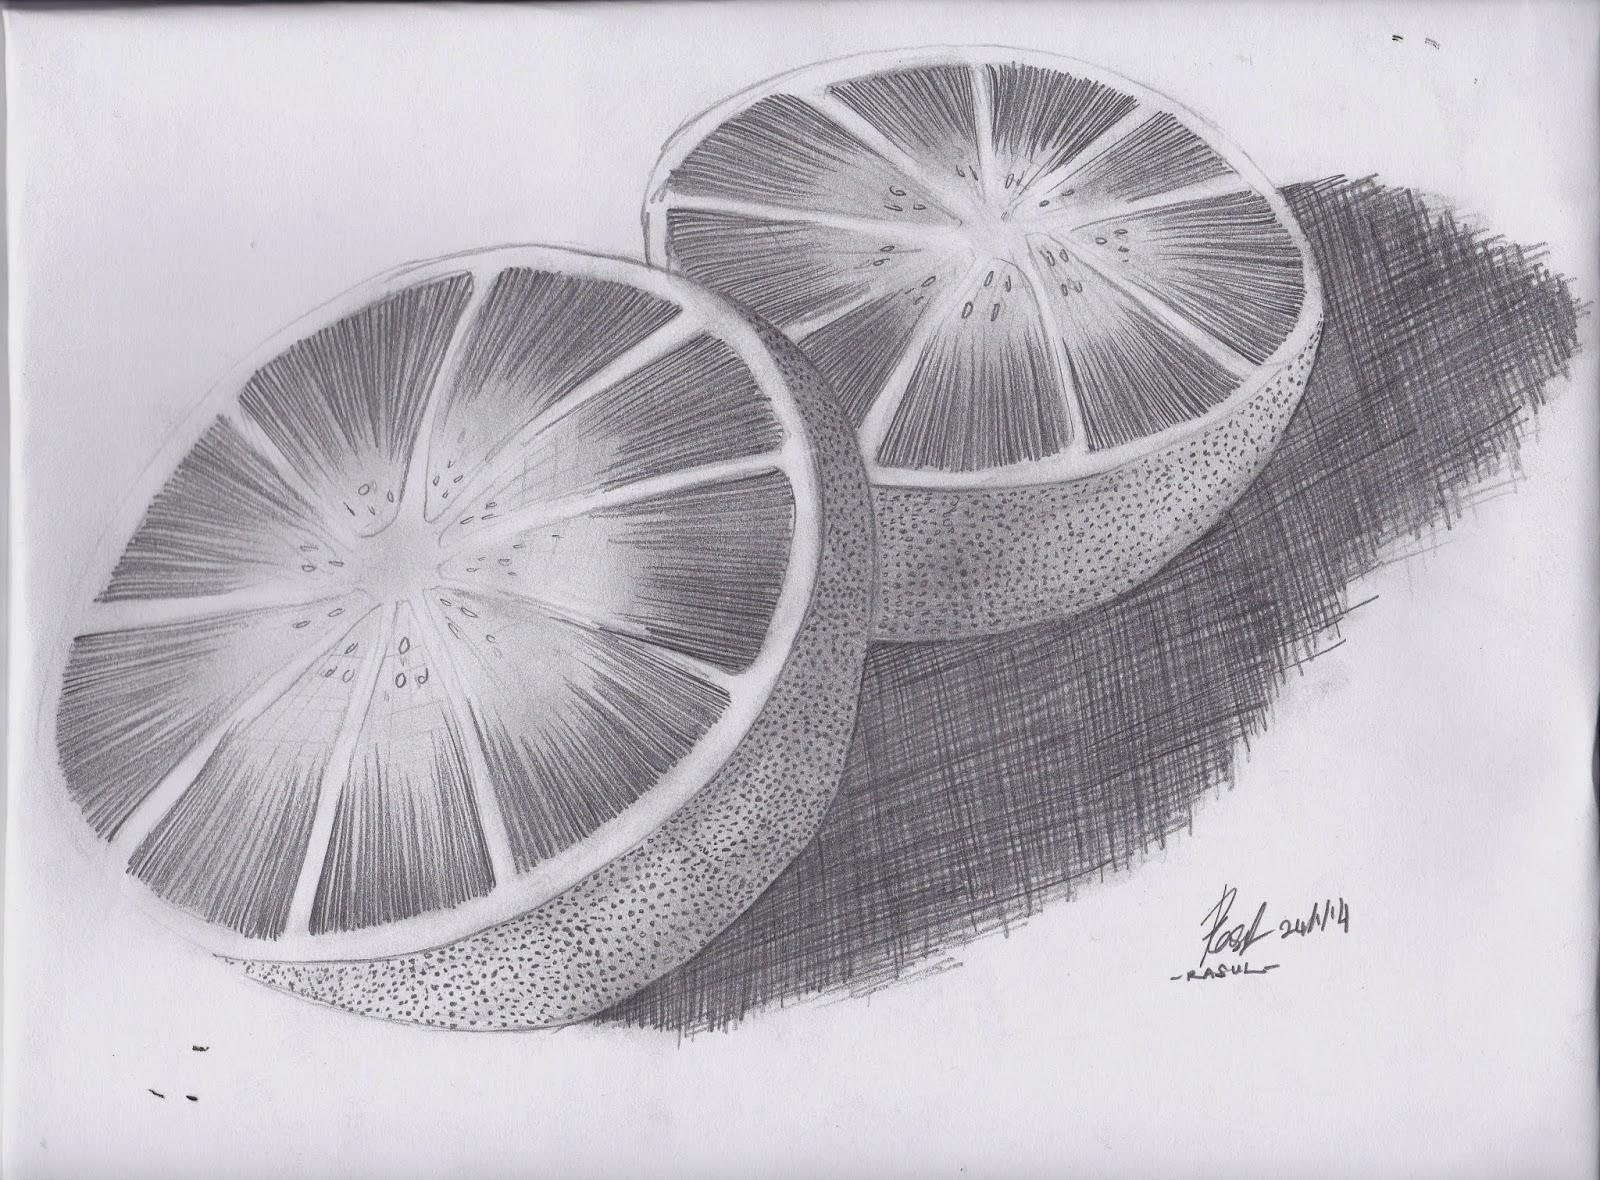 Sol LeWitt A Wall Drawing Retrospective  MASS MoCA